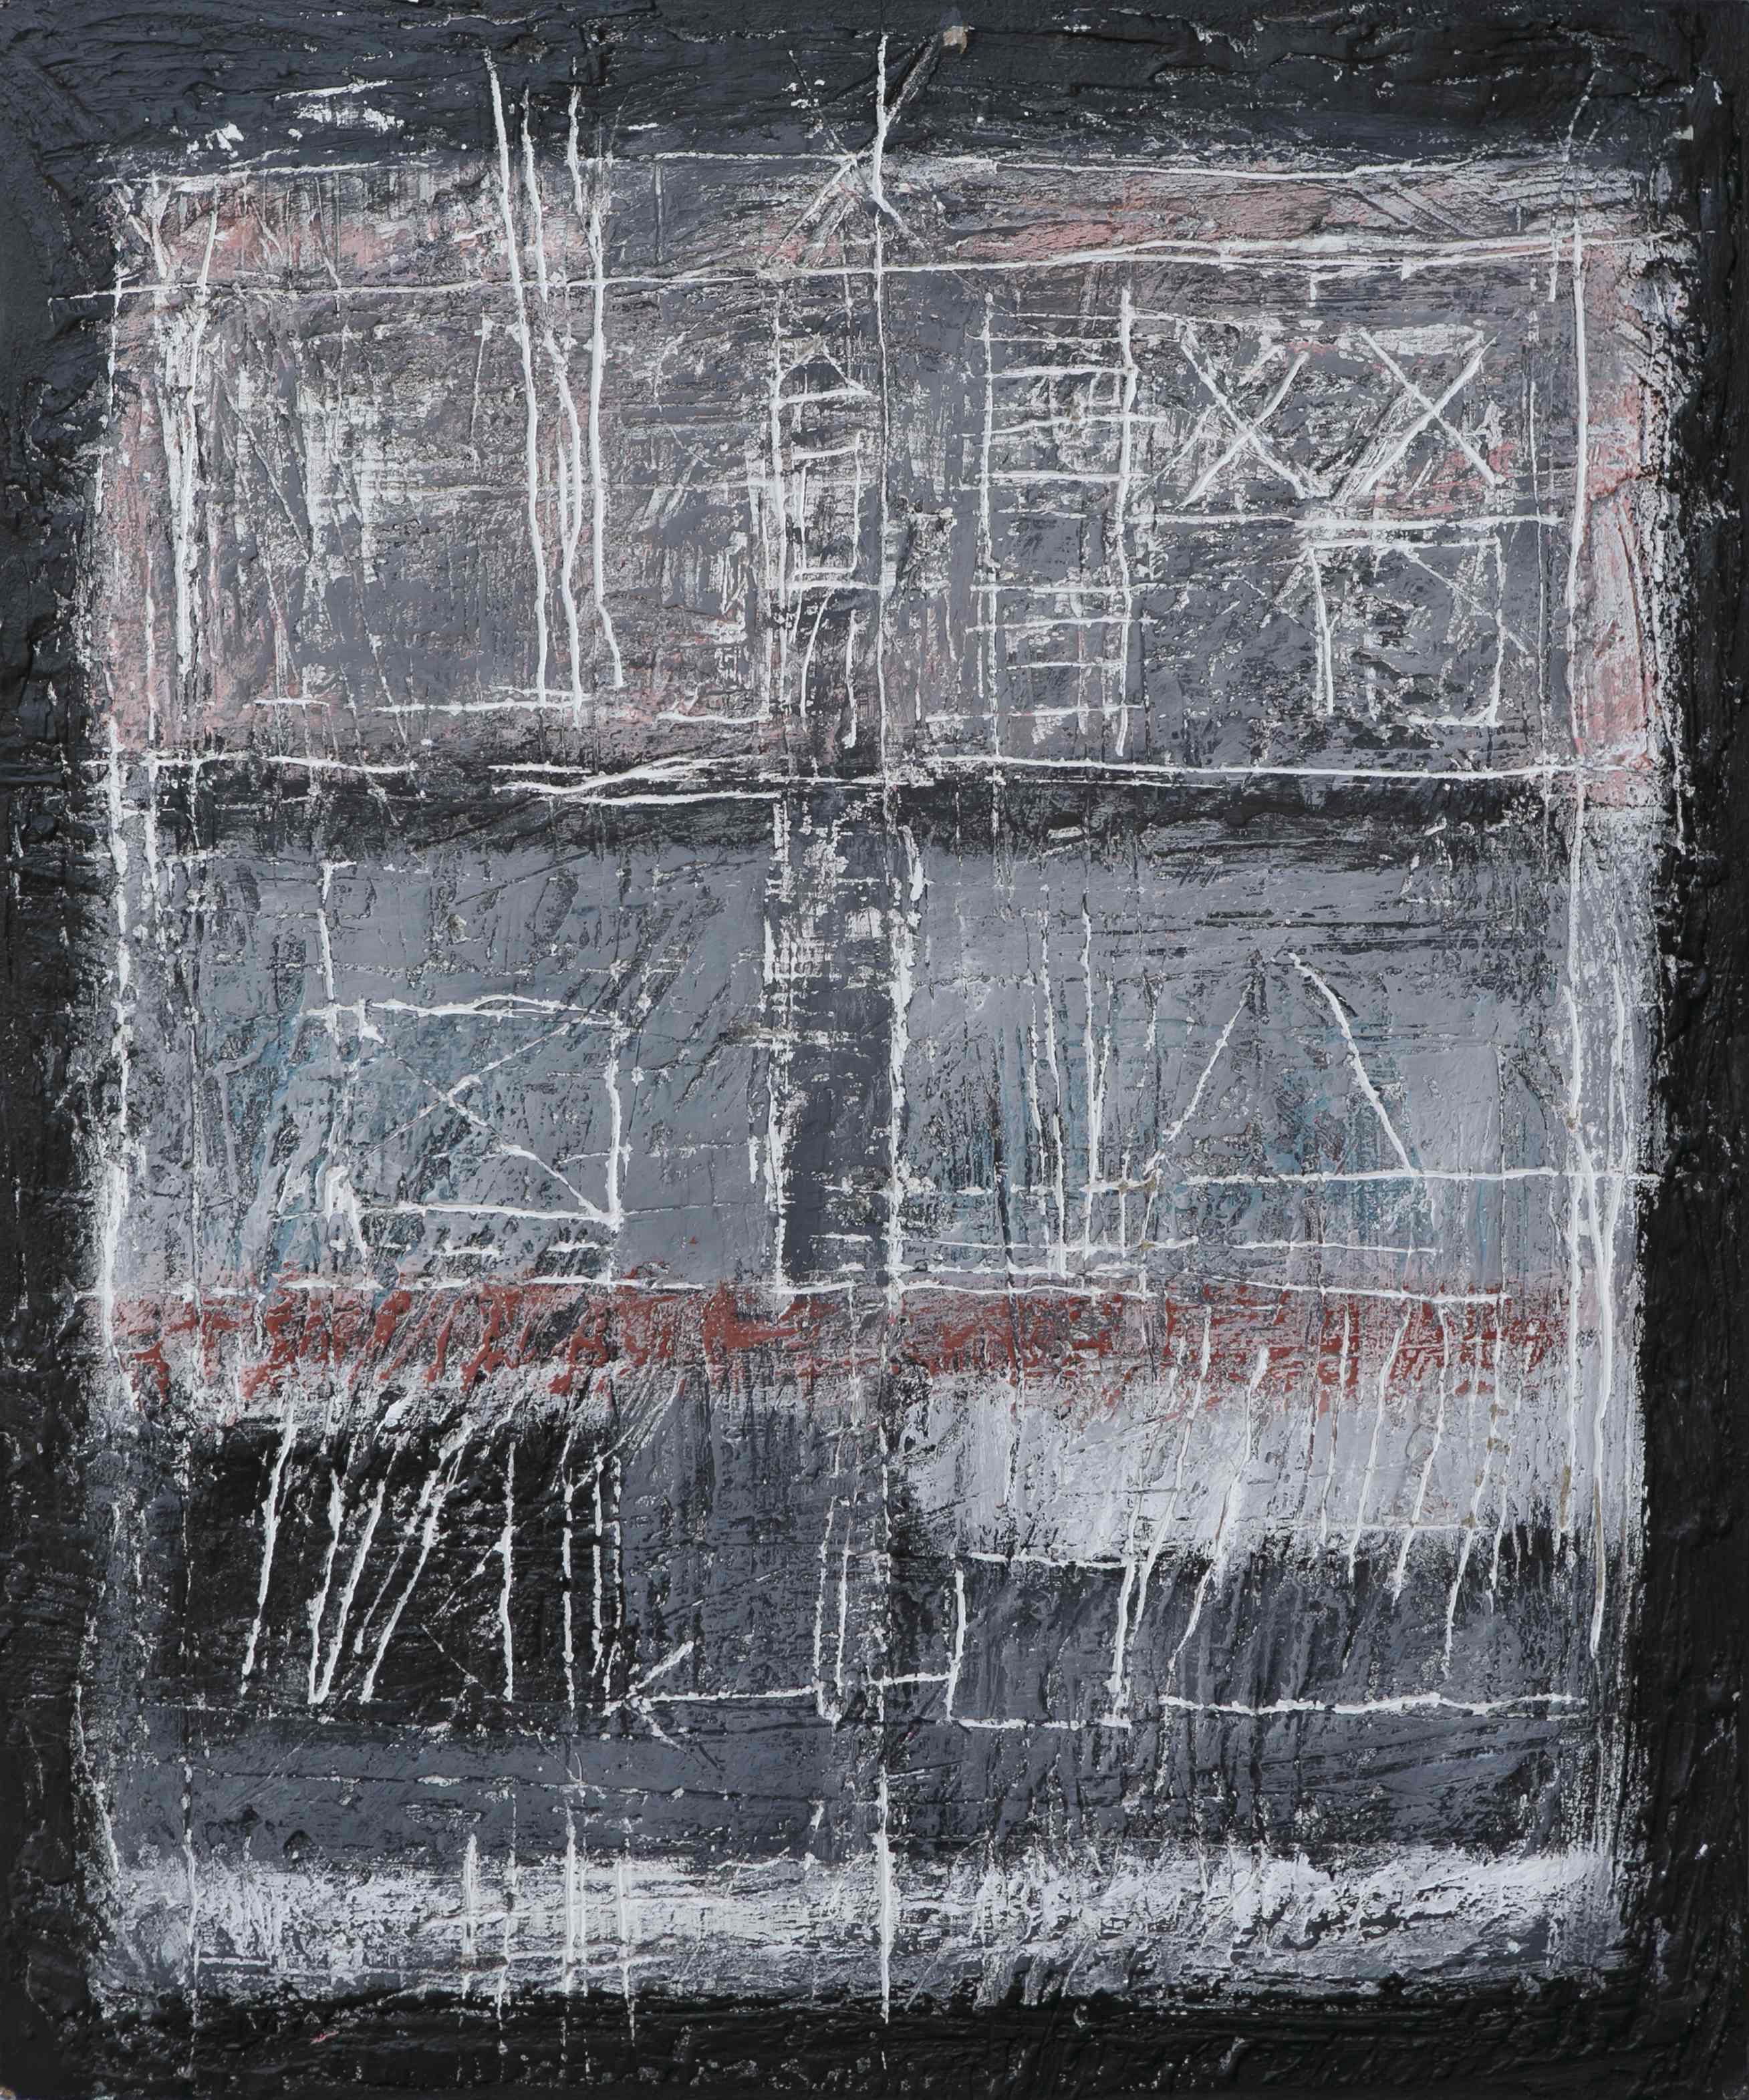 Graffiti 1, tecnica mista su tavola, 60x50, 2005